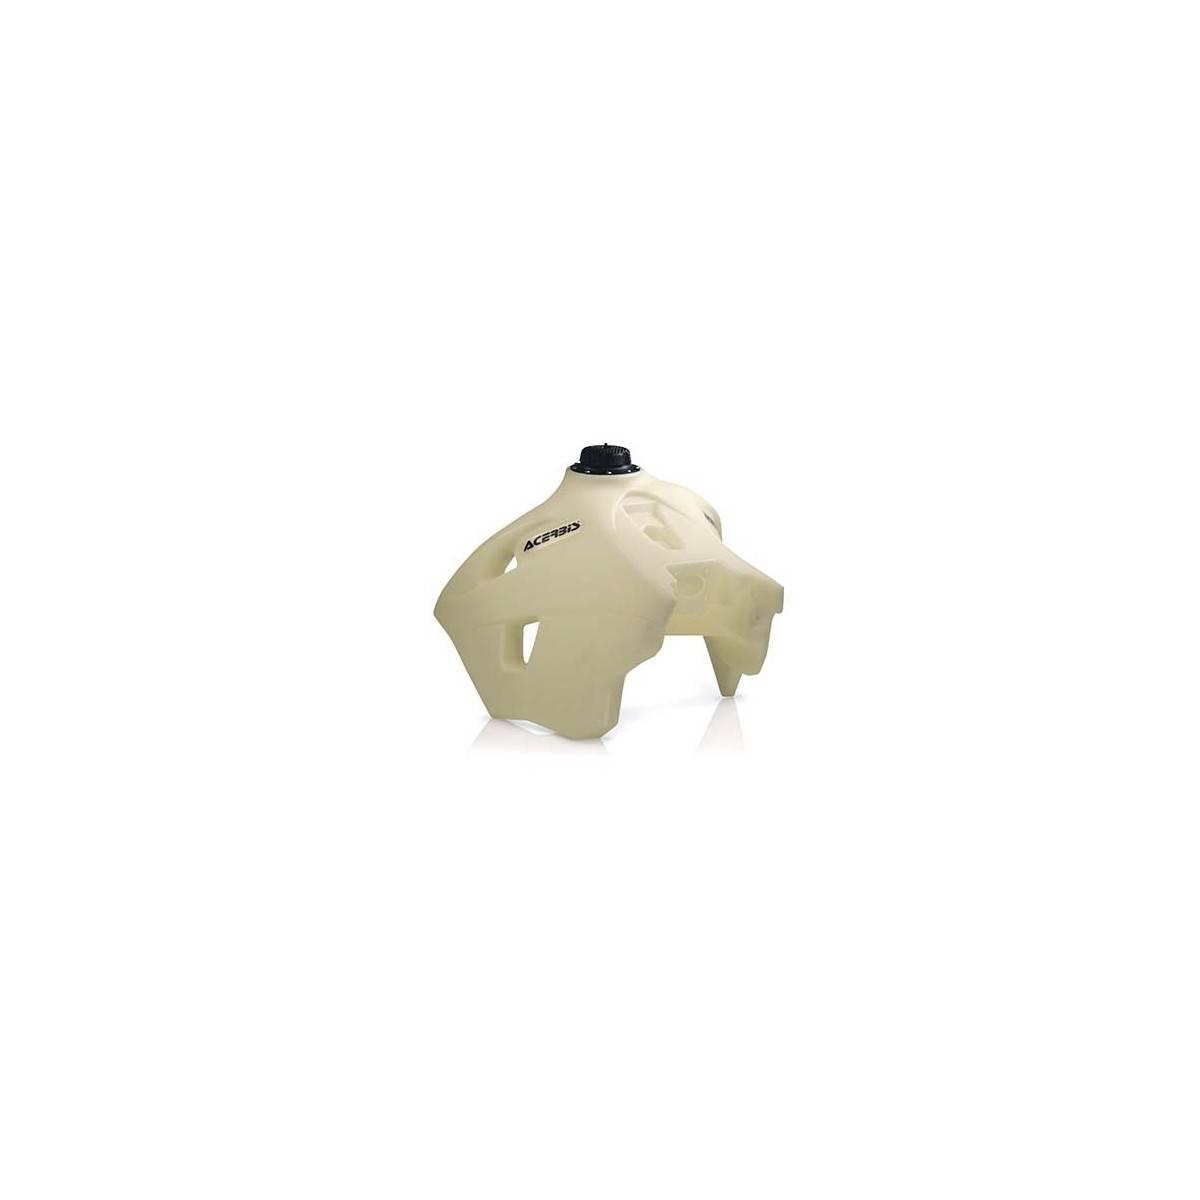 0016301-120 - Deposito Exc-F 250 20L 12 16 Transparente